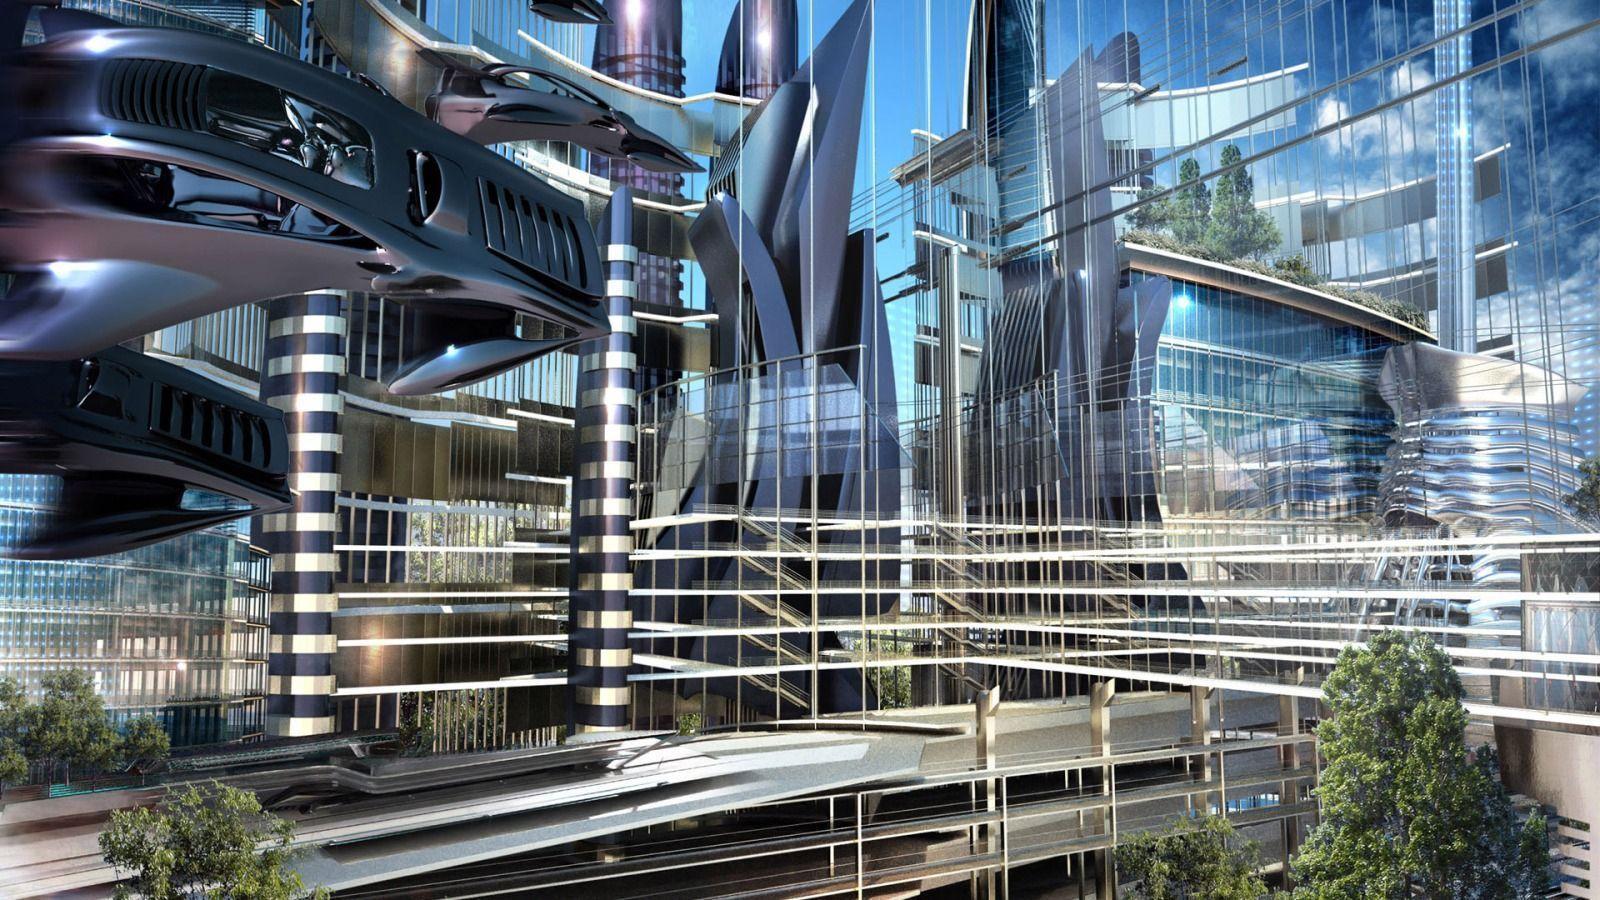 Futuristic Architecture widescreen wallpaper | Wide-